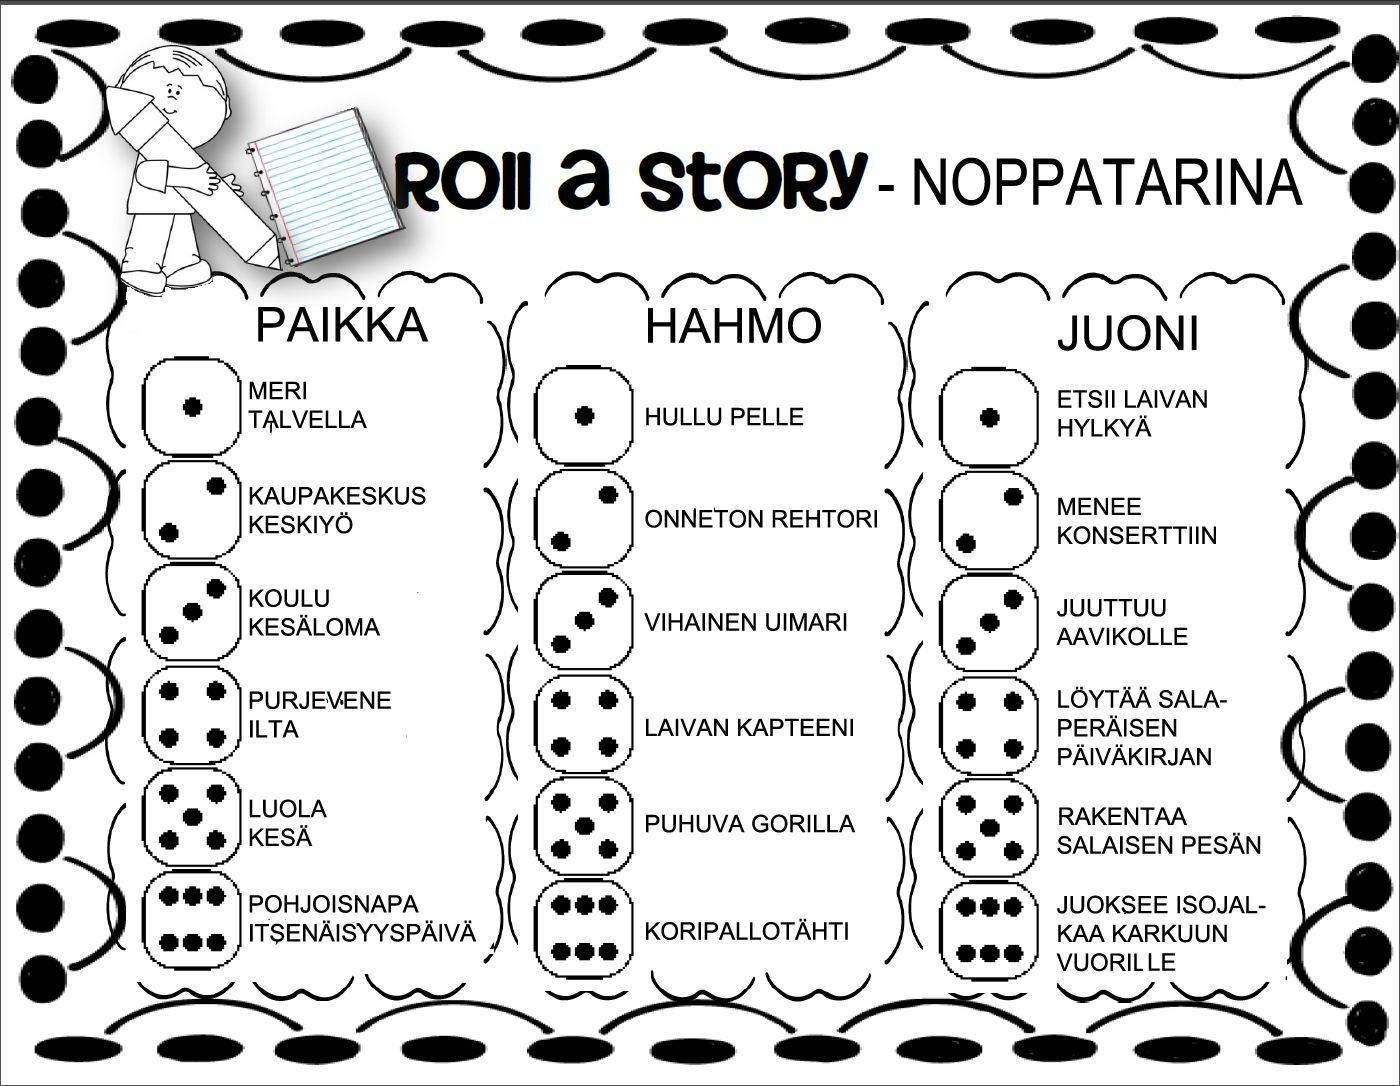 Noppatarina